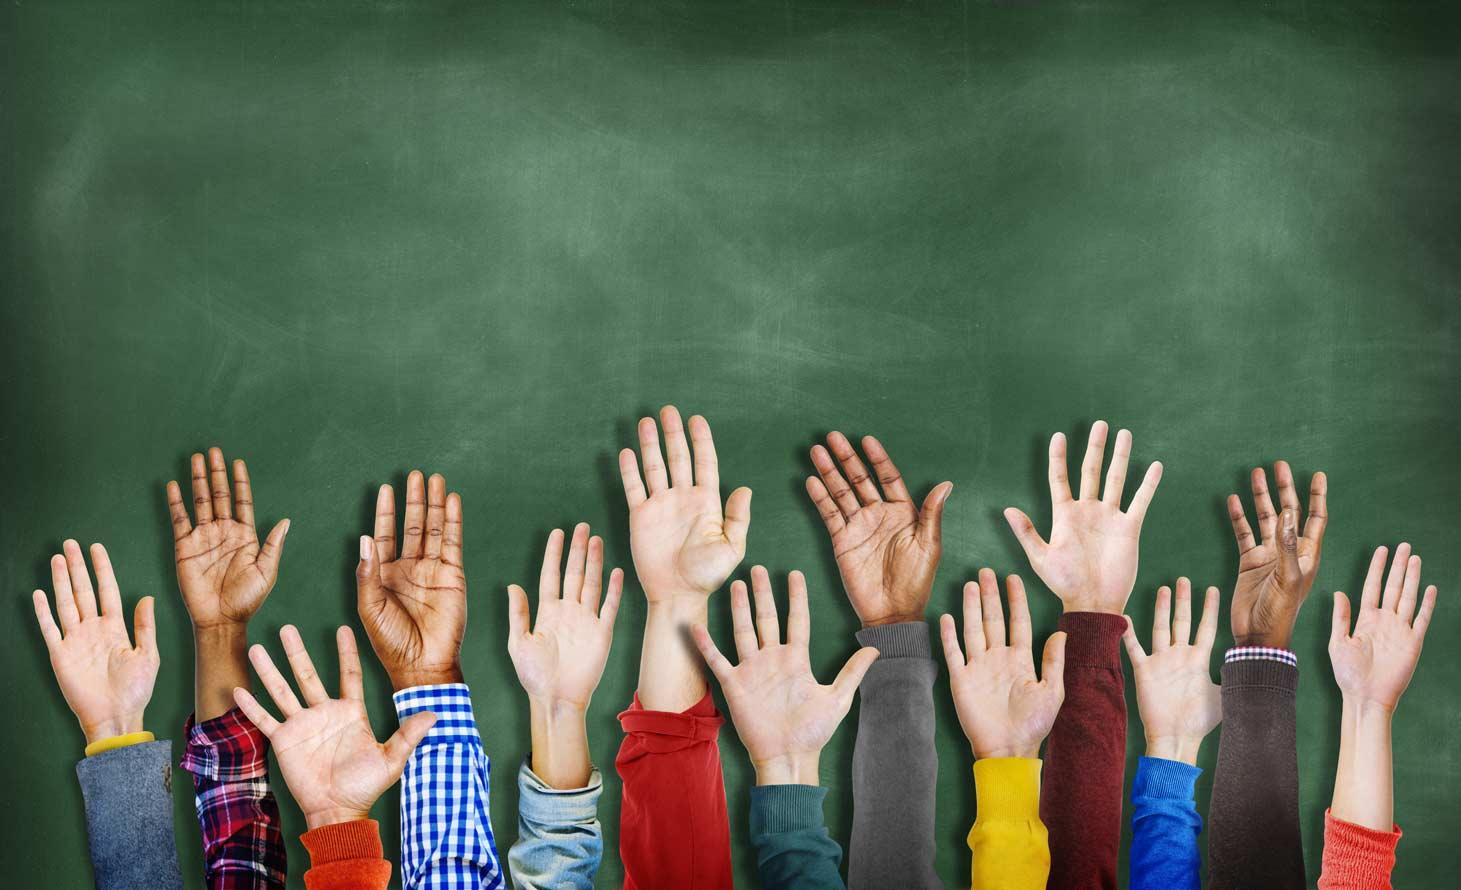 تاثیر استفاده از دفترچه تعاملی بر یادگیری و یادداری دانش آموزان